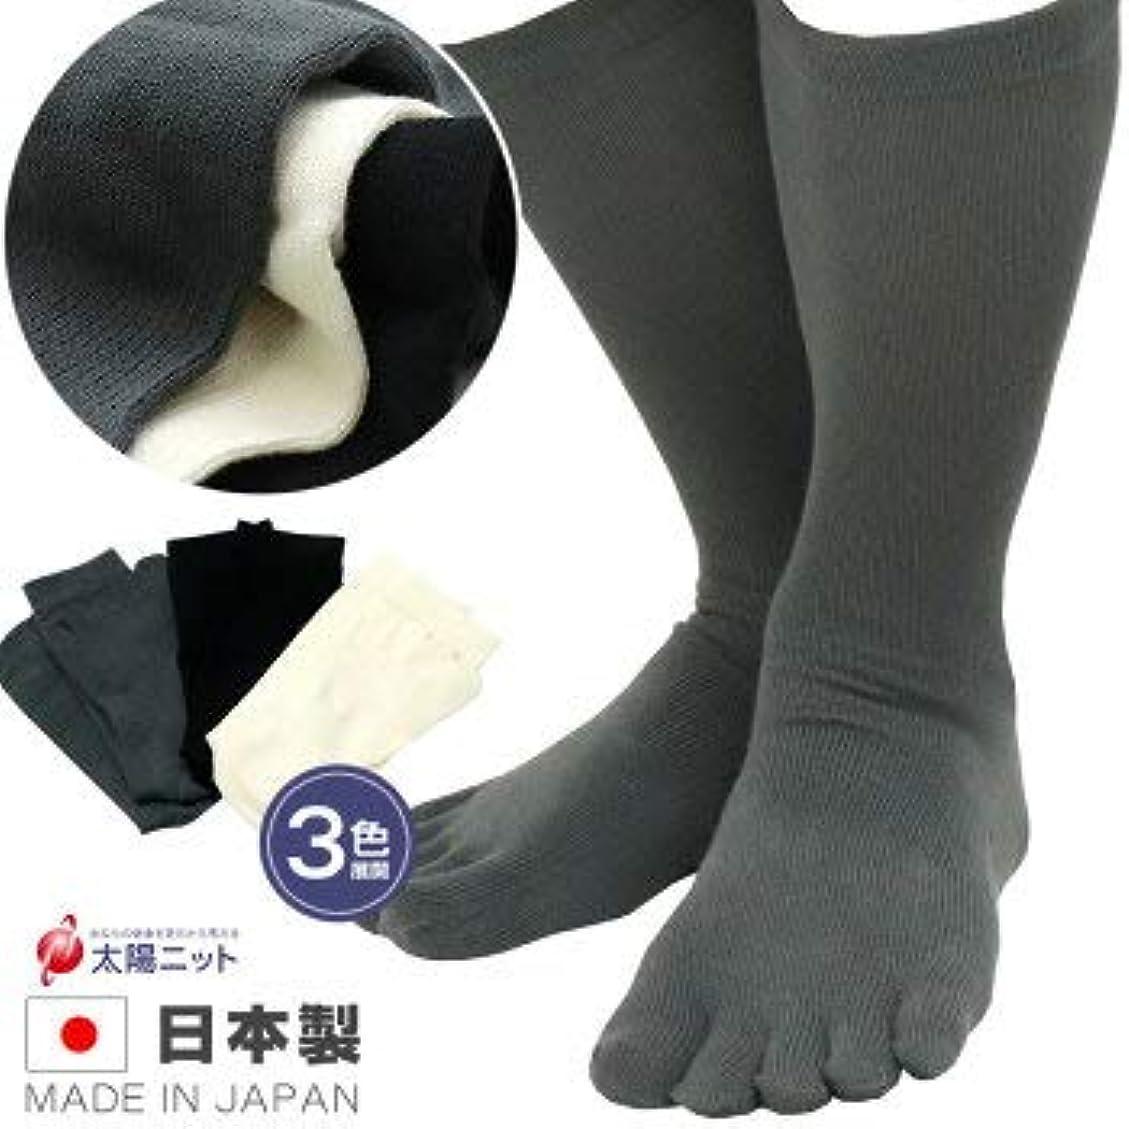 新しさ彼らは膿瘍男性用 綿100% 5本指 靴下 におい ムレ 対策 24-26㎝ 太陽ニッ ト321 (グレー)